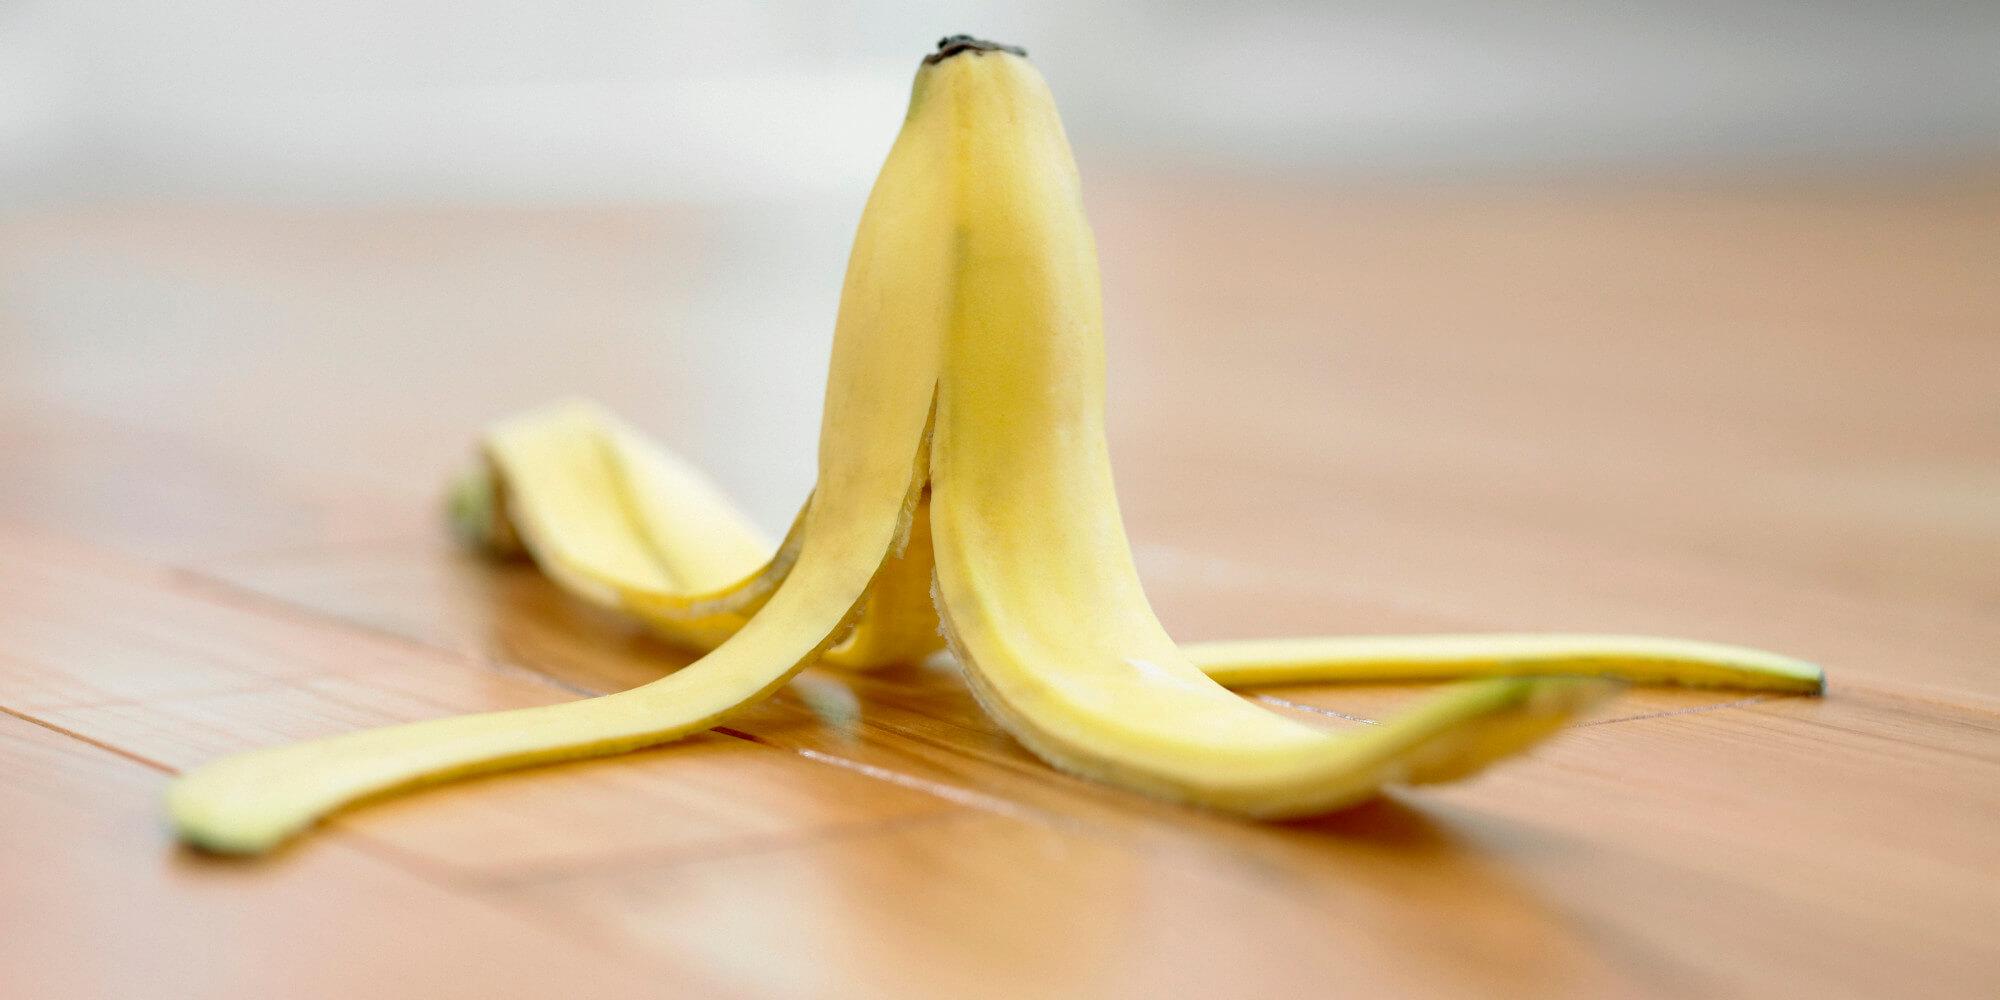 Как сделать подкормку для цветов из бананов